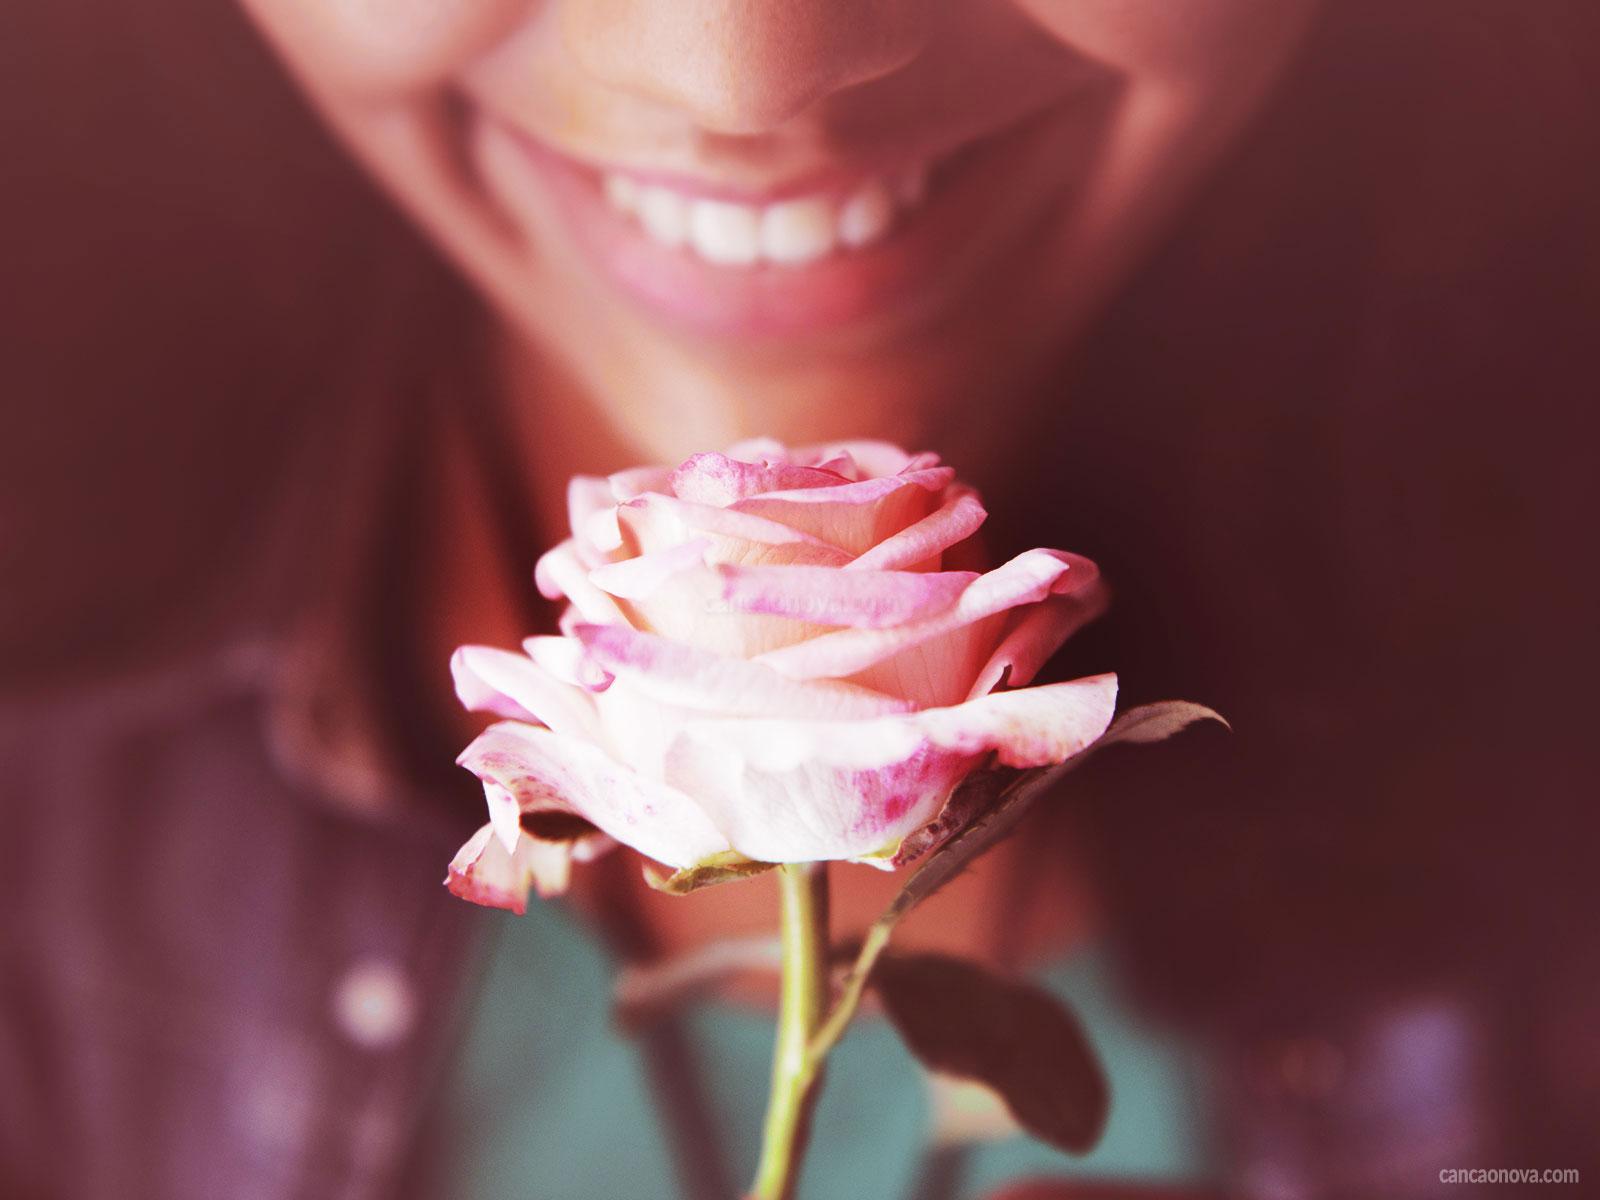 Uma-mulher-não-precisa-pedir-nem-mendigar-amor